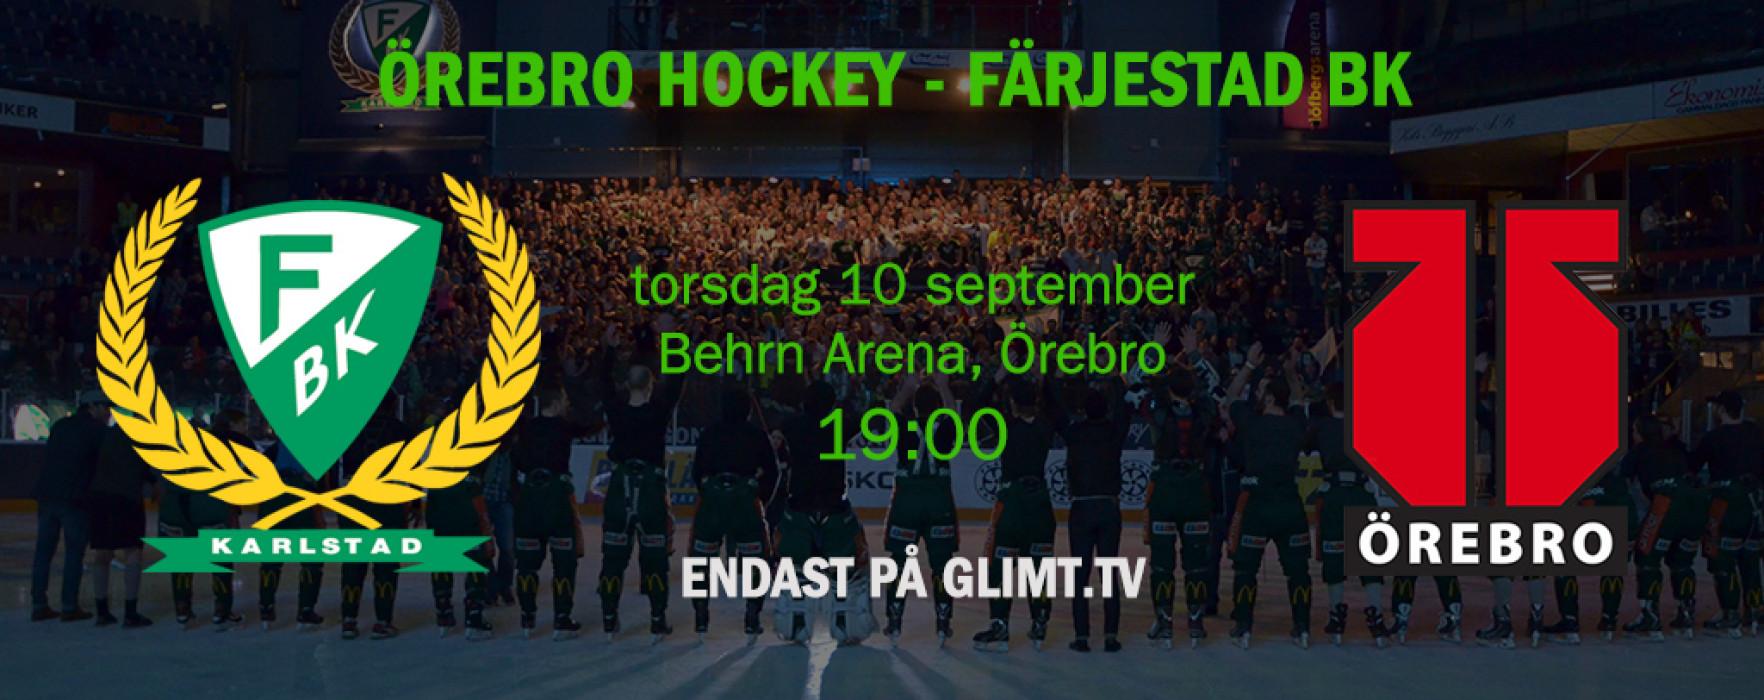 Glimt Sport – FBK Live i Örebro 10 sept.